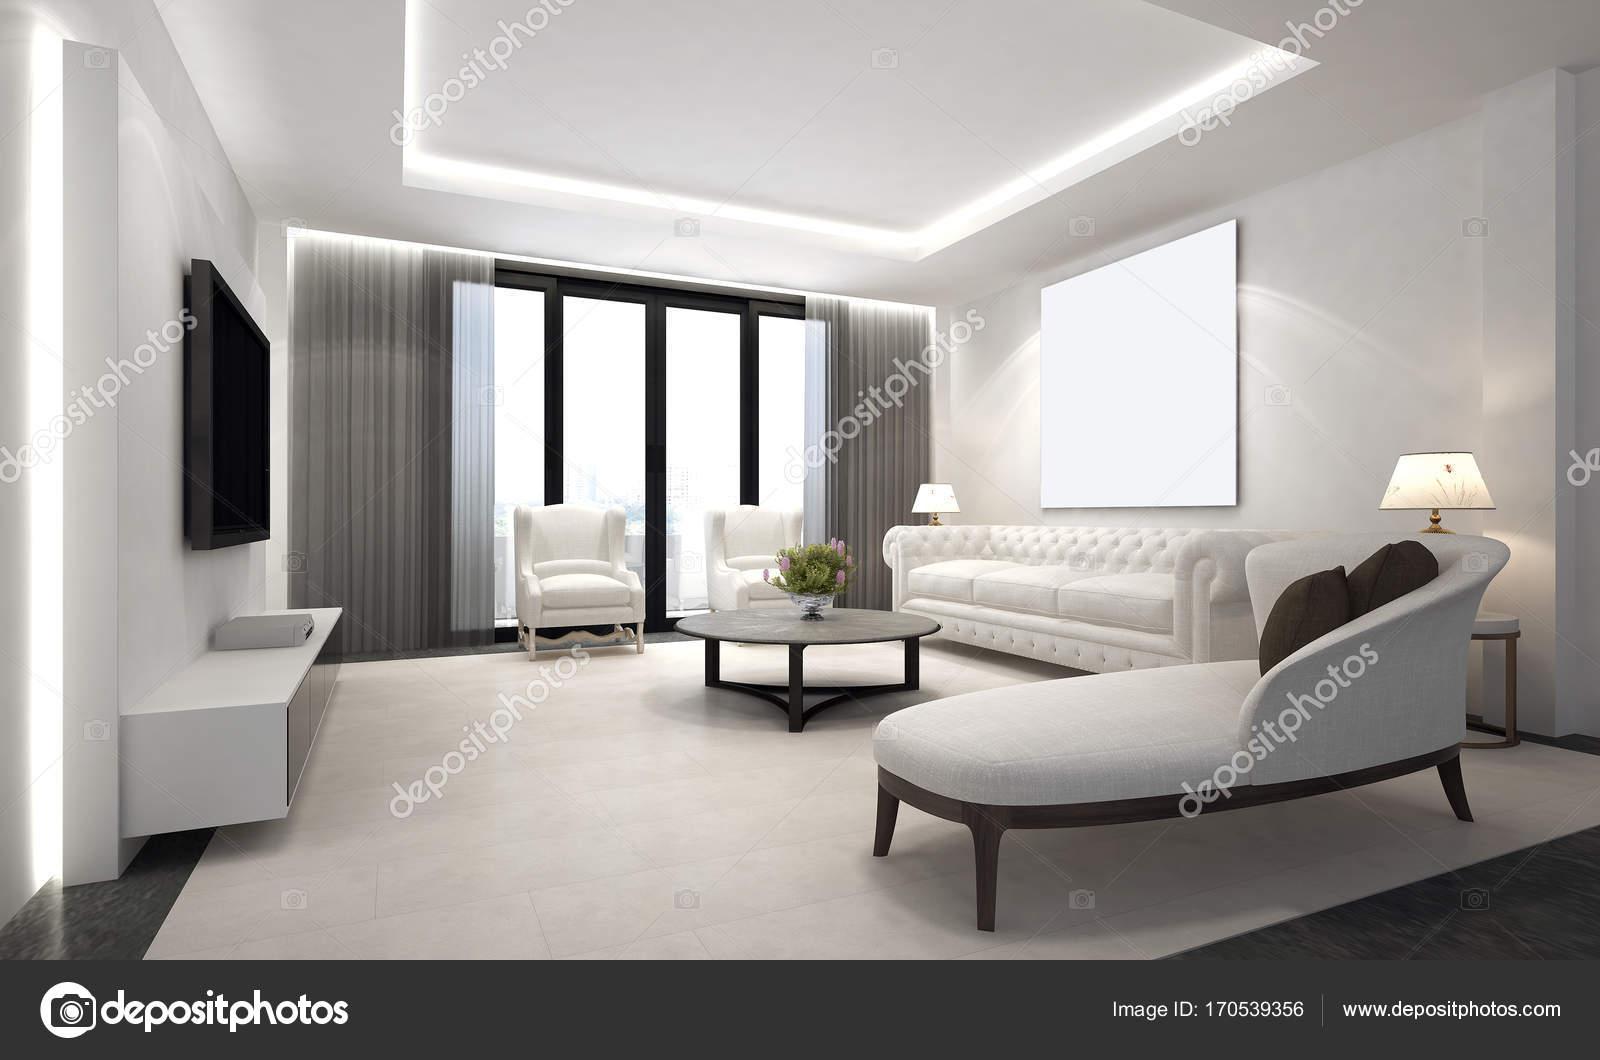 De luxe lounge en woonkamer interieur — Stockfoto © Teeraphan #170539356